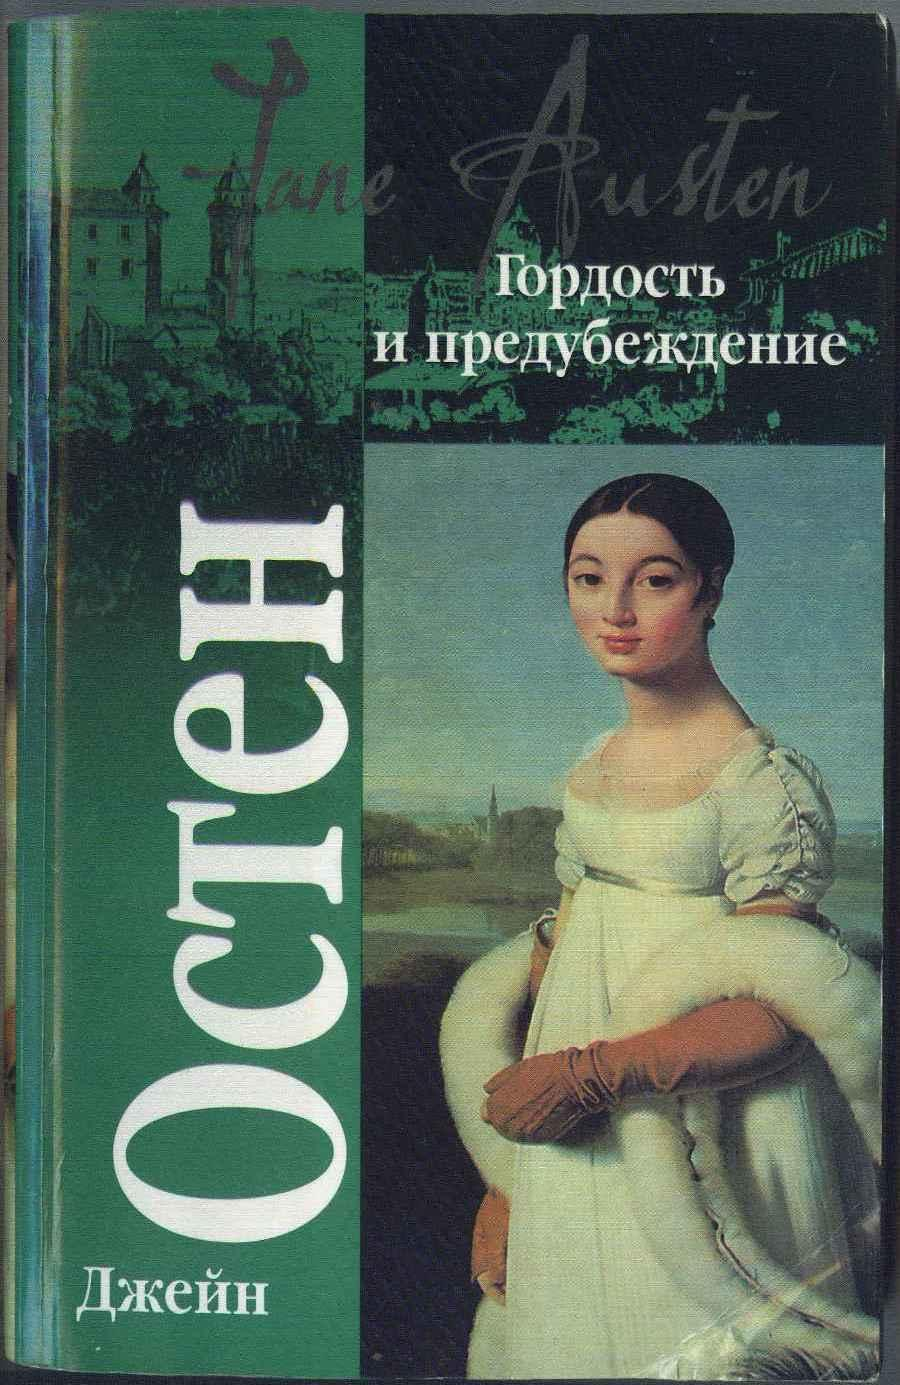 Gordost i predubeshdenie ( Stolz und Vorurteil: Austen, Jane